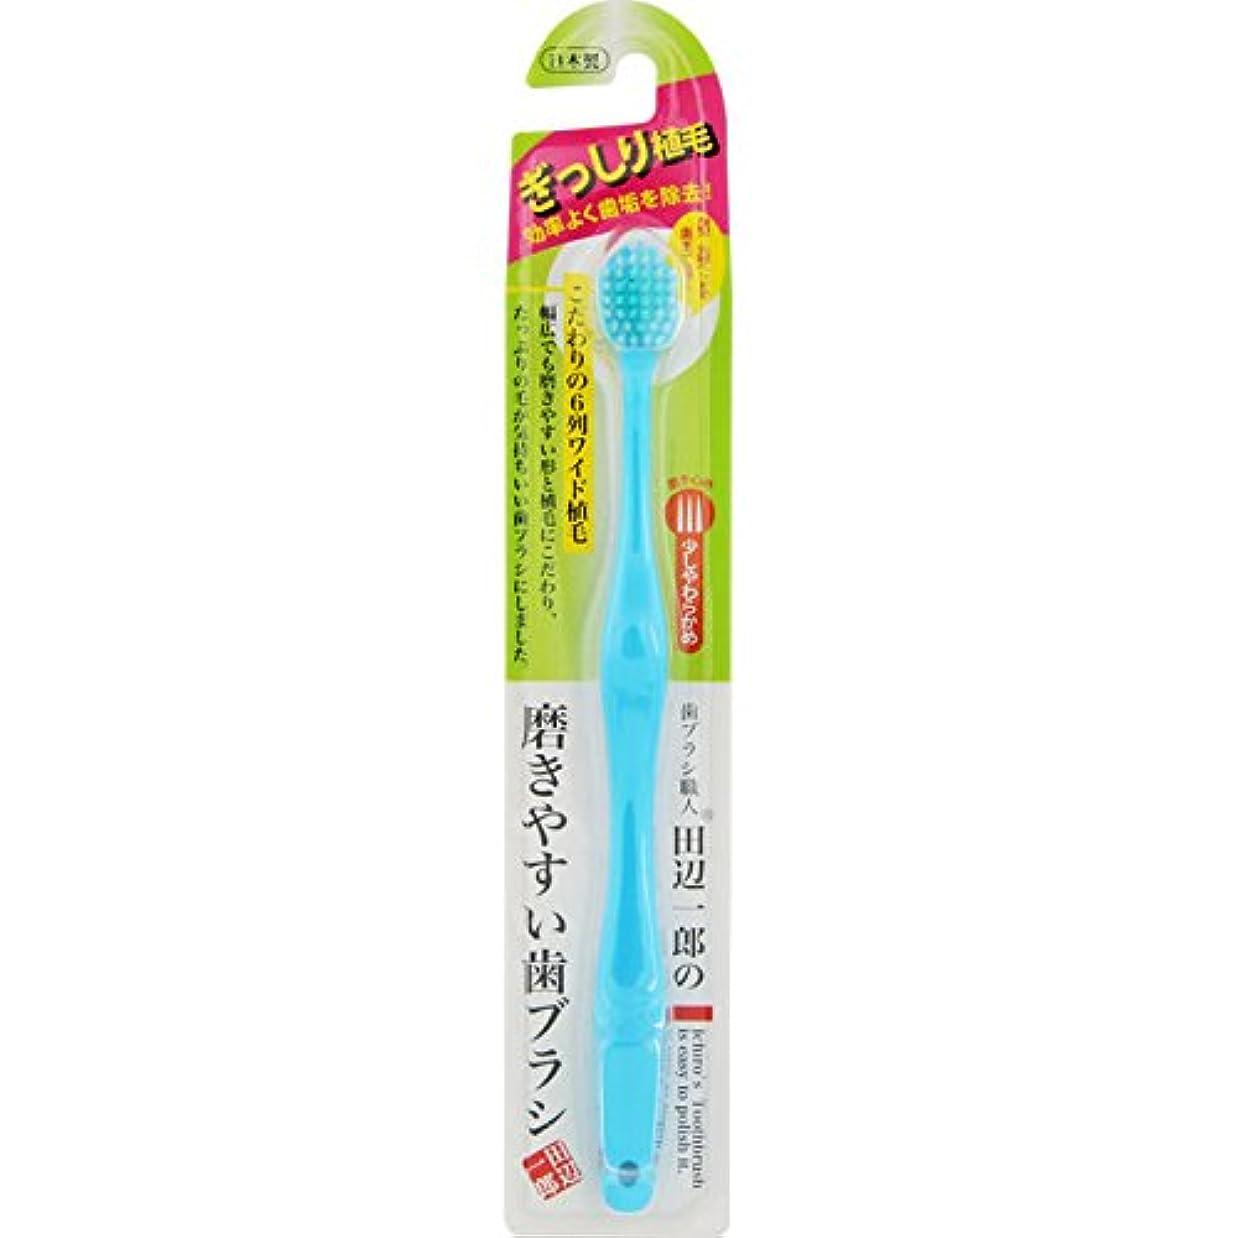 遊具仮称品種ライフレンジ 磨きやすい歯ブラシ ワイド 少しやわらかめ 1本